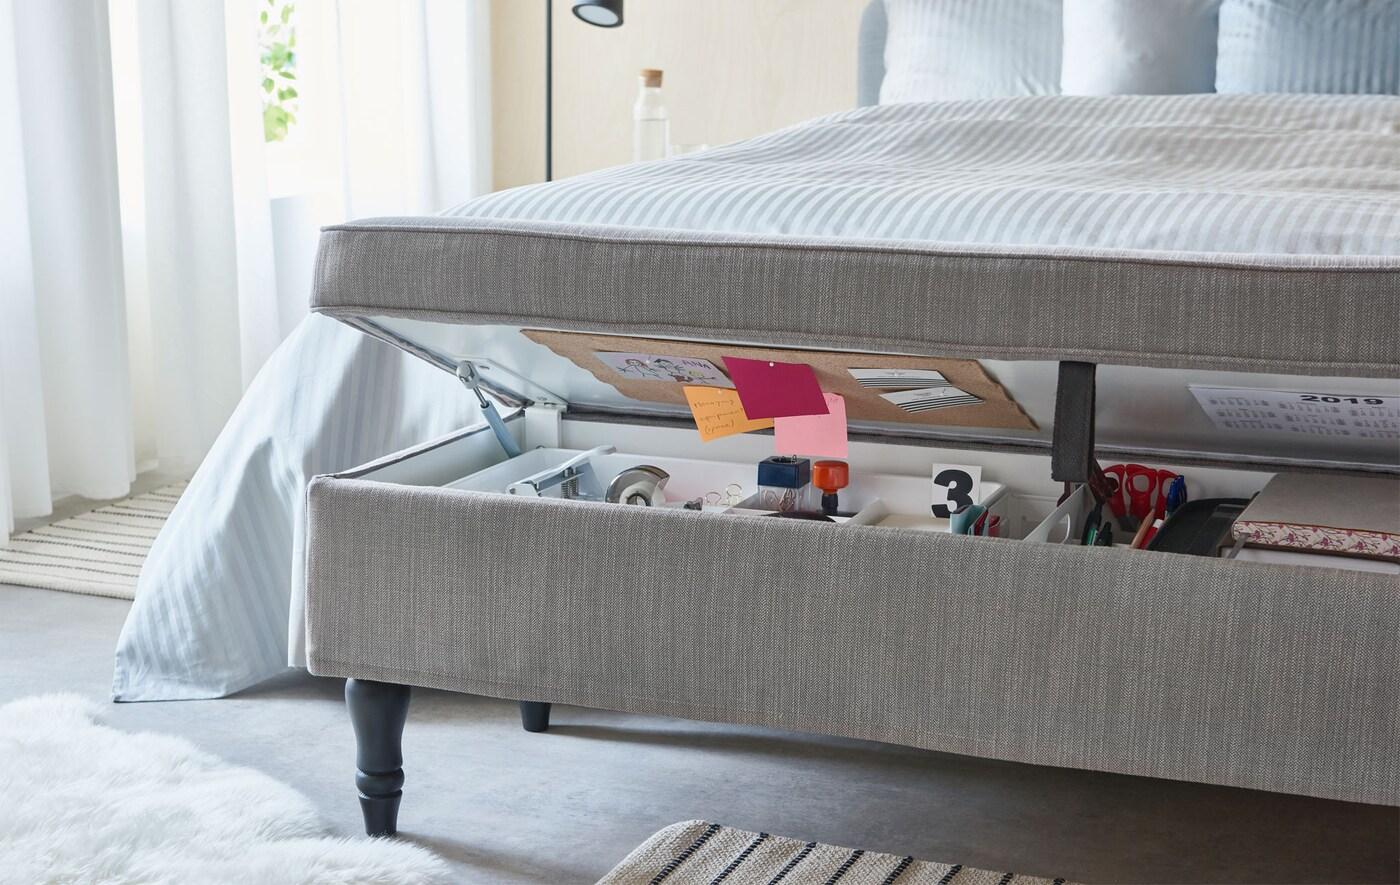 Látkou potažená lavice s úložným prostorem před postelí, prostor využitý na výtvarní potřeby